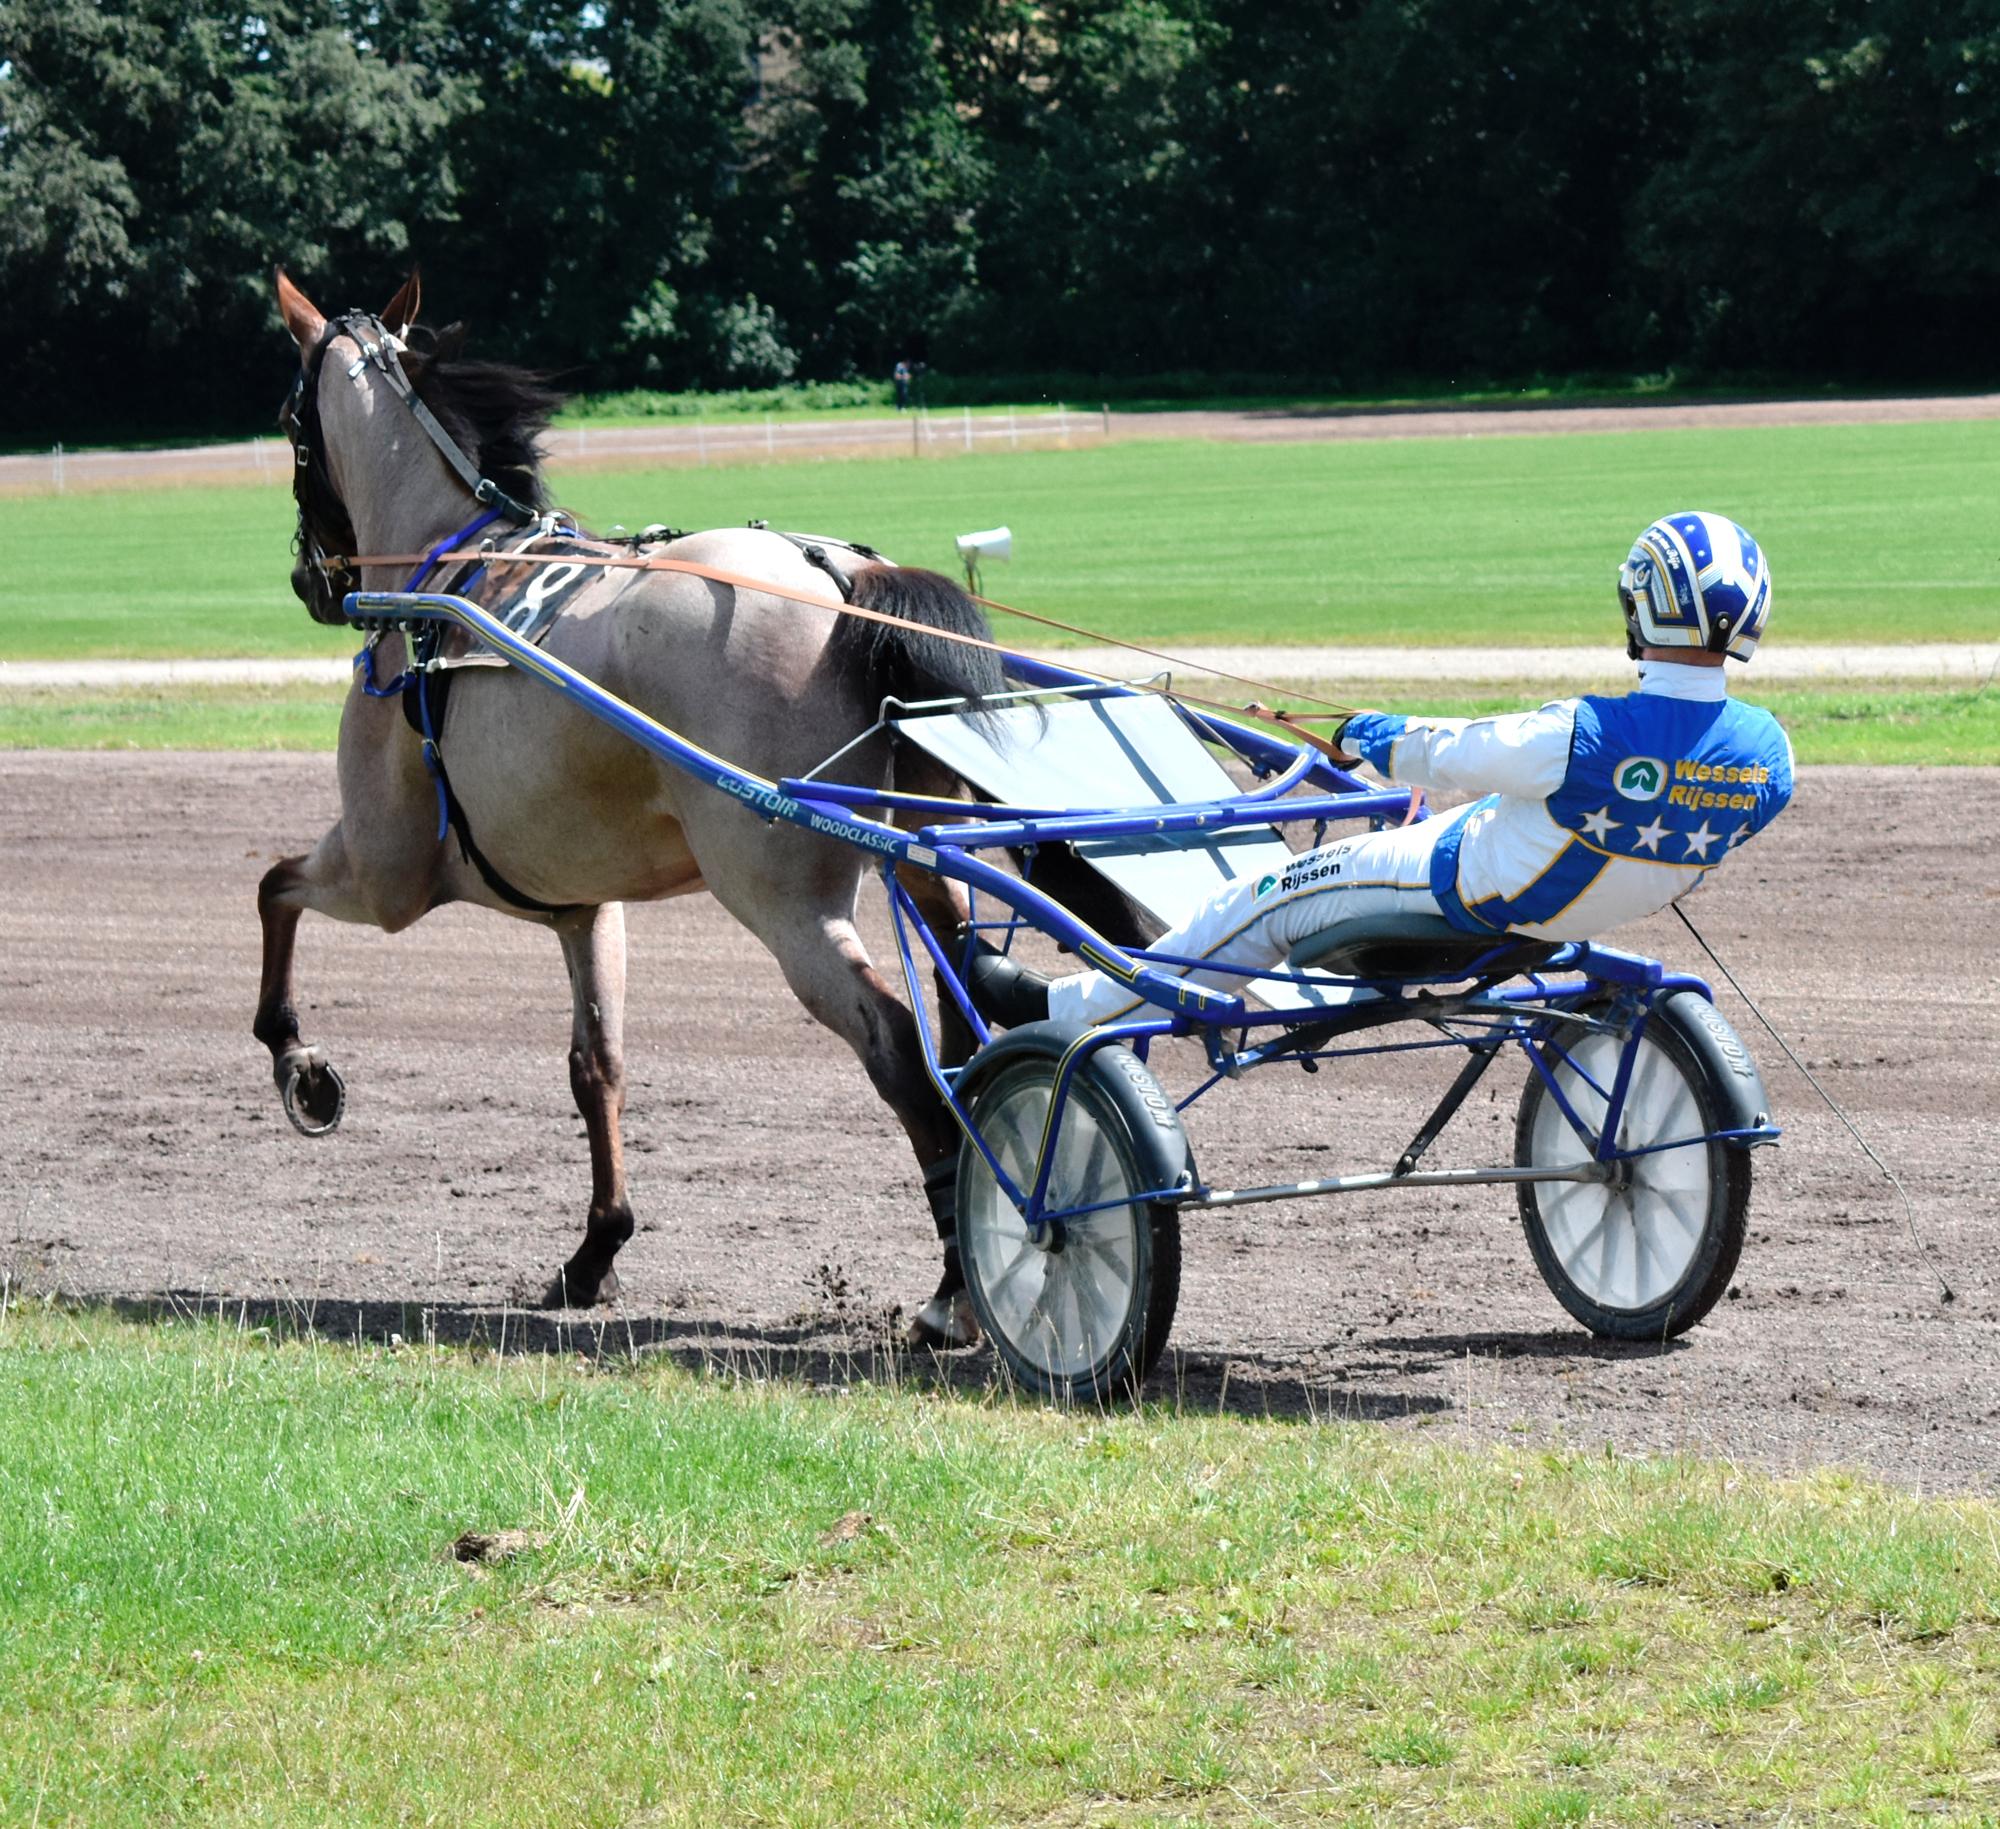 Drafbaan Paarden sport Pikeur: Jaan van Rijn. Paard: Happy Hollandia Groningen Koersdag 12 july 2020. Behoud de drafbaan voor Groningen